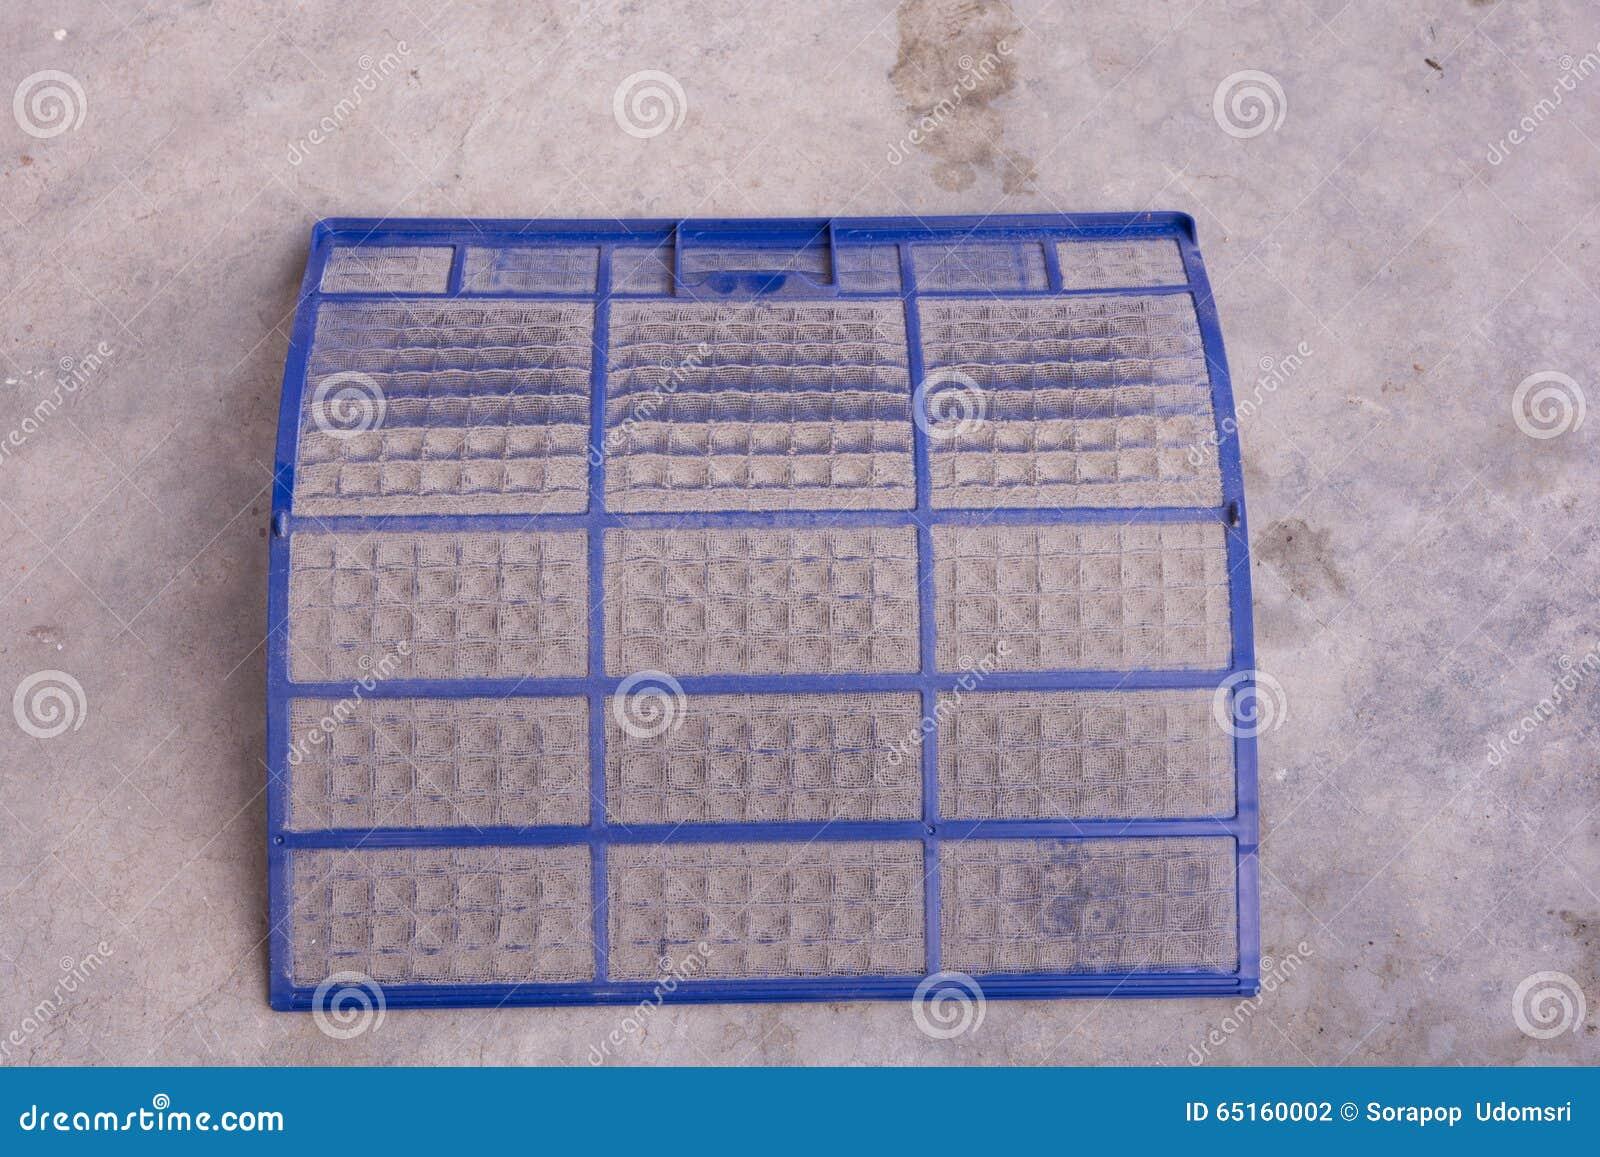 Filtro muy sucio del acondicionador de aire